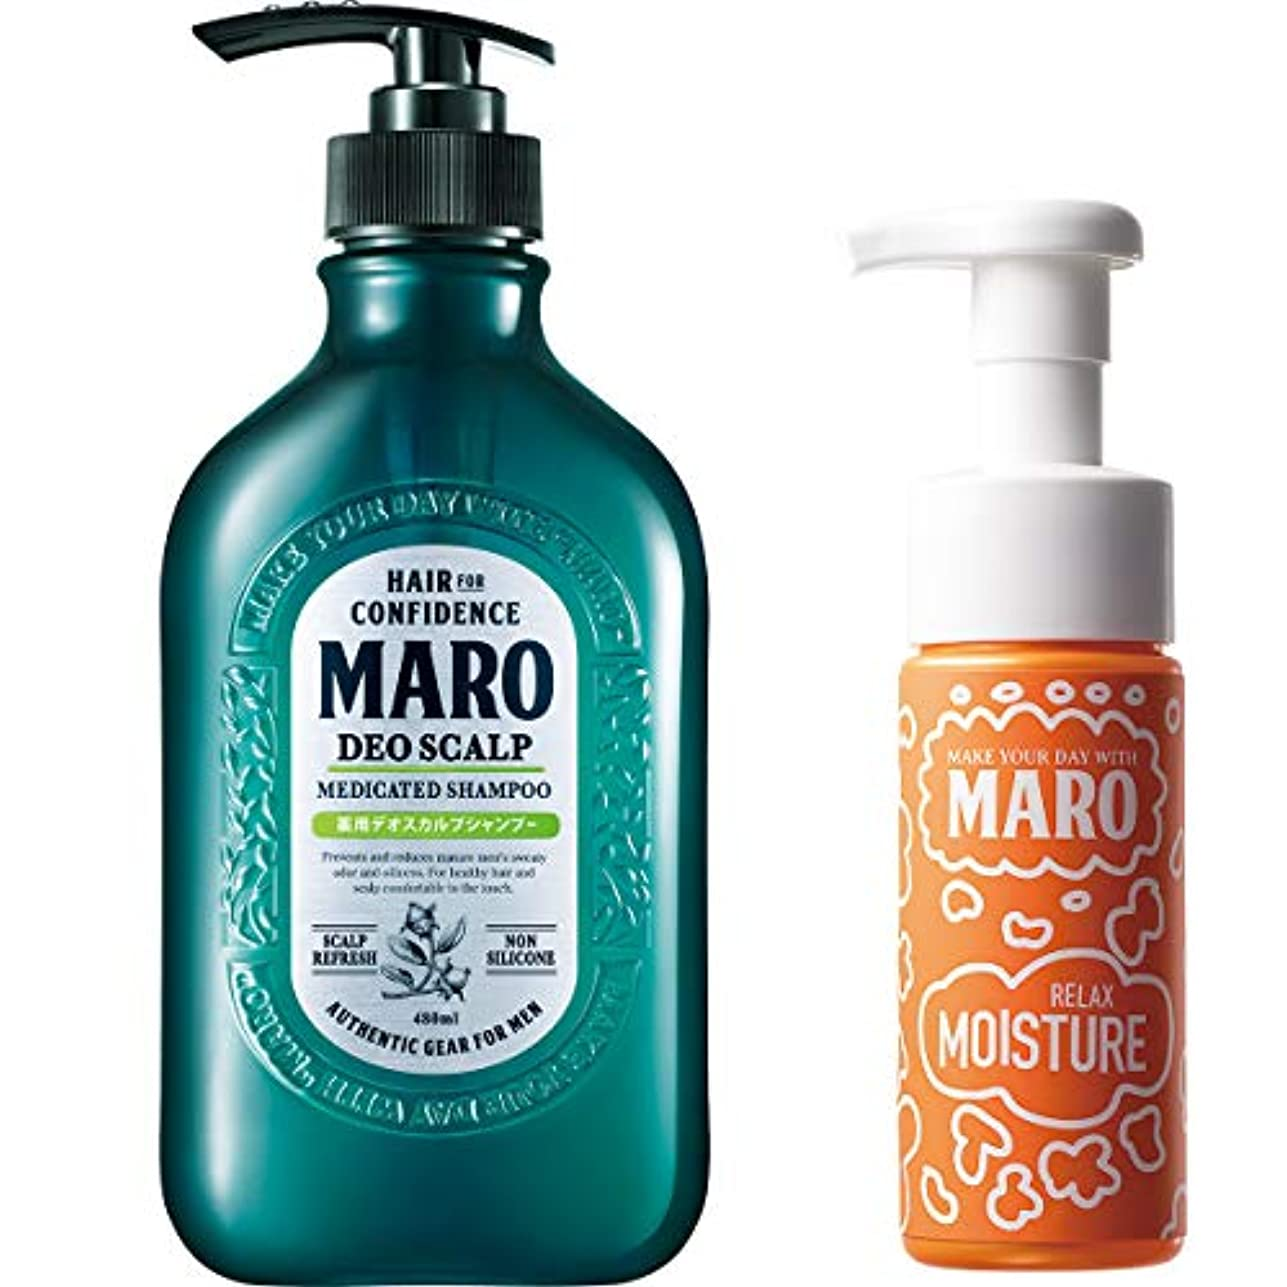 所有者ピアニストハイランドMARO(マーロ) 薬用デオスカルプシャンプー 泡洗顔付き 480ml+泡洗顔150ml セット +